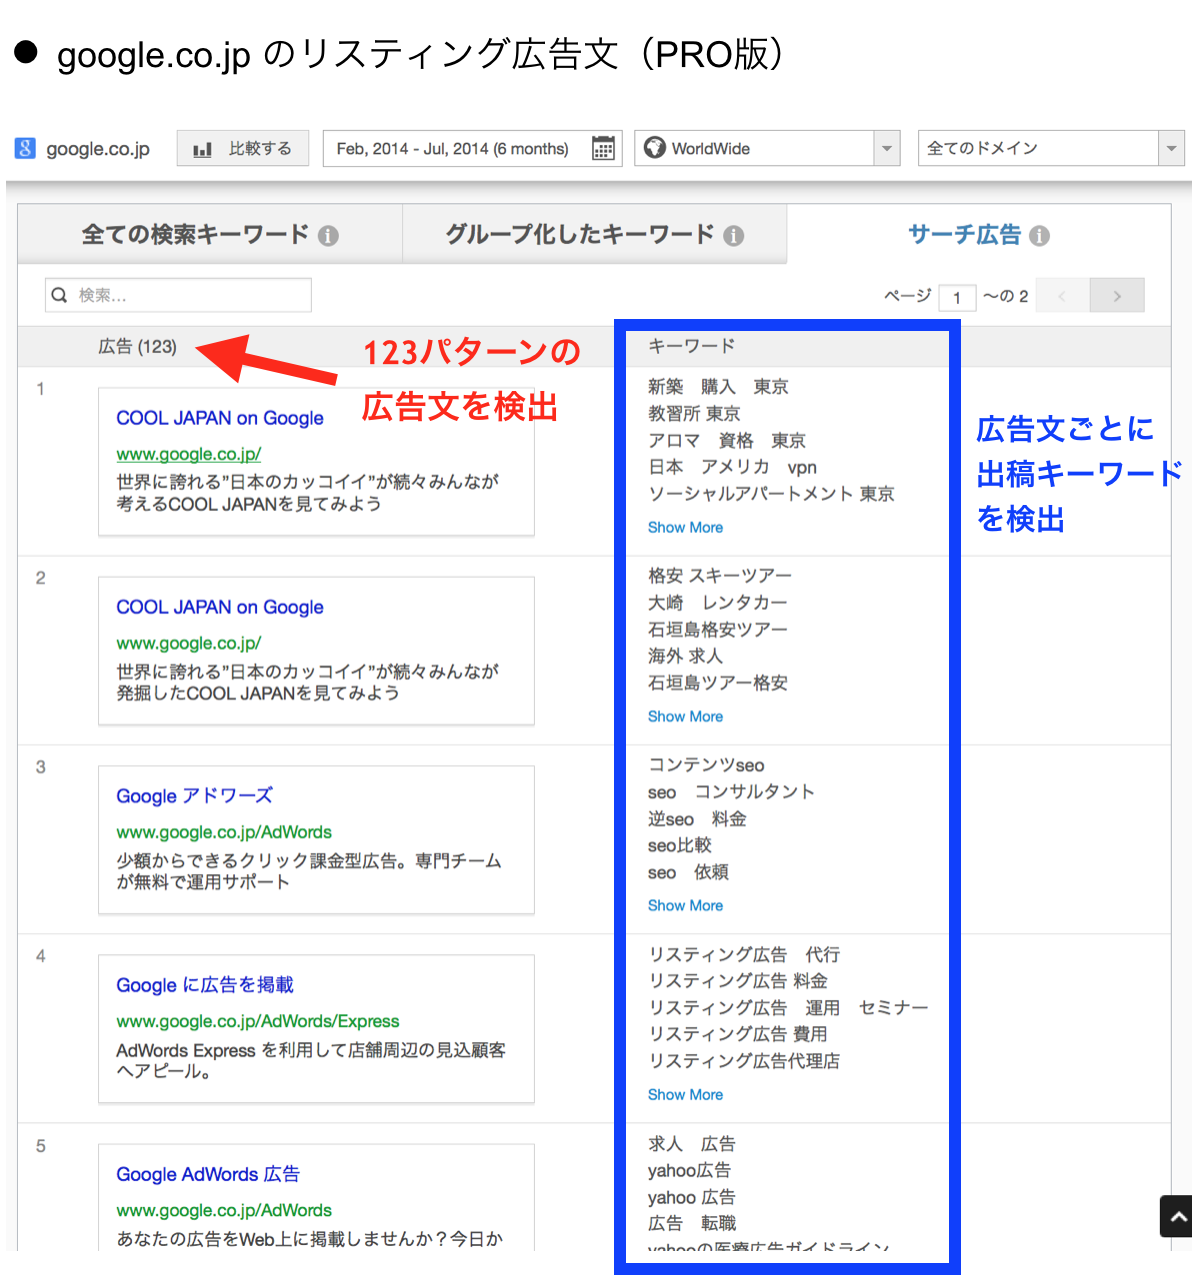 google.co.jp のリスティング広告文(PRO版)